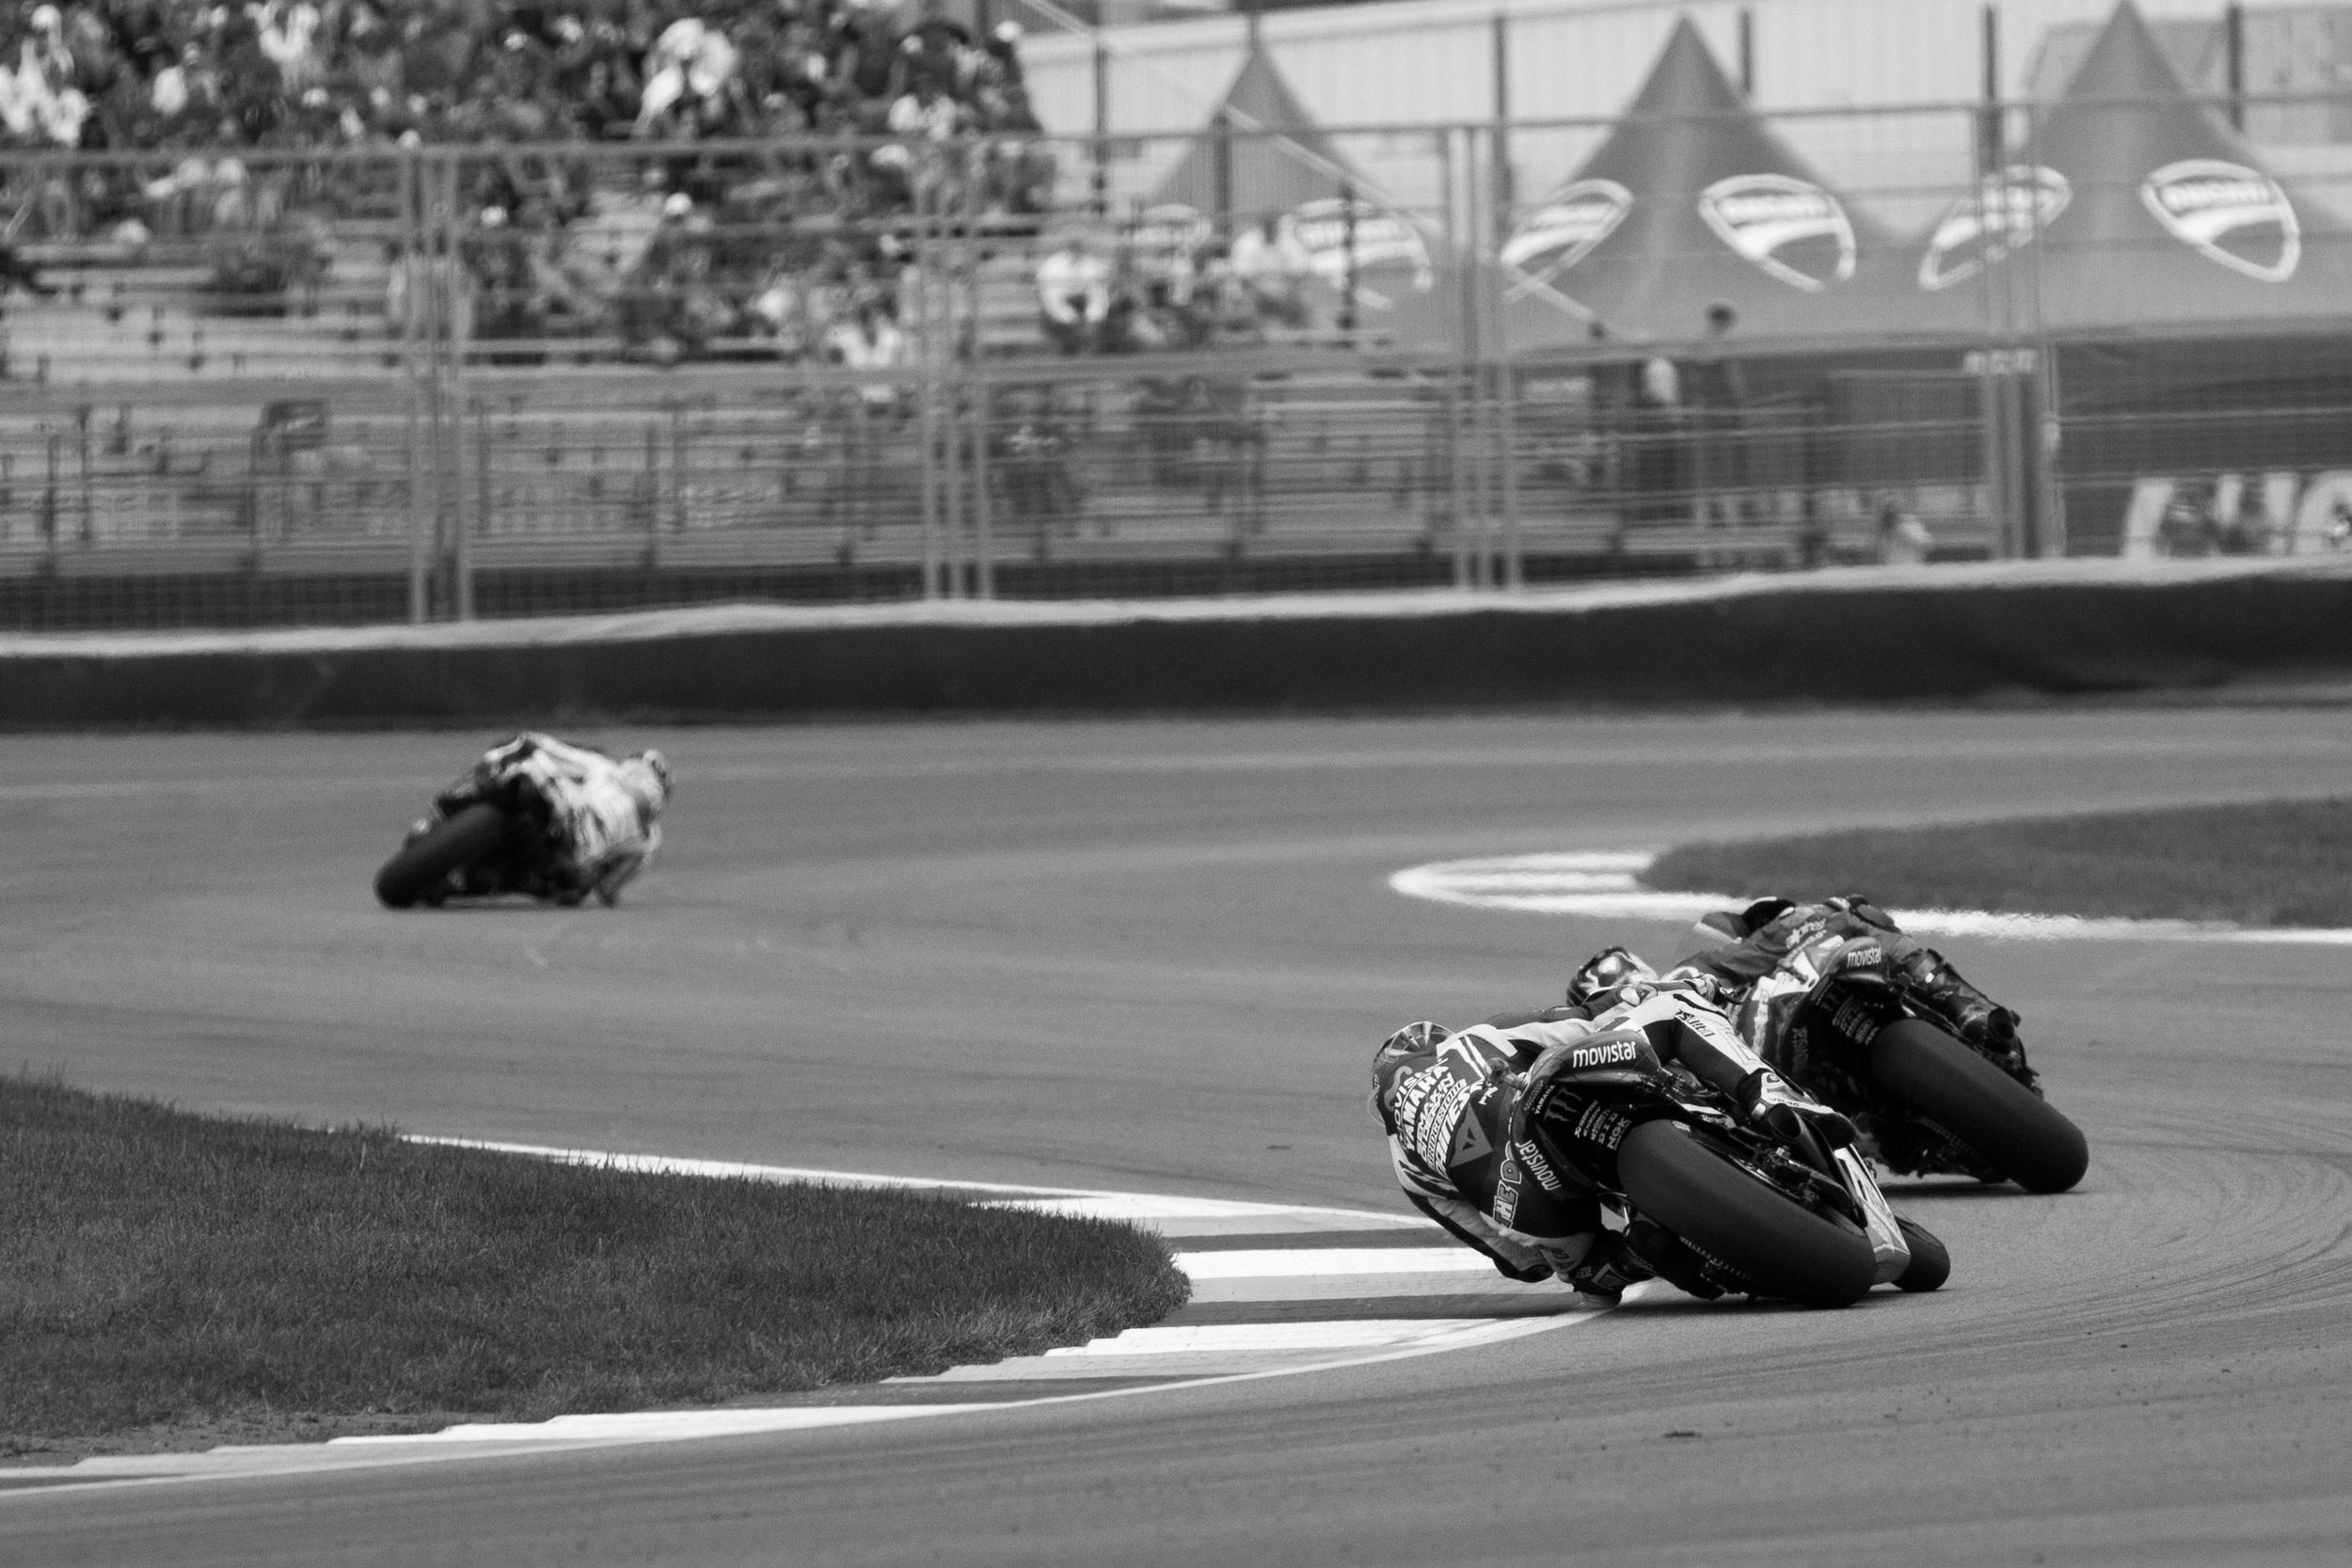 Racing_Motorcycle_Brad_Cottrell_1787_2.jpg